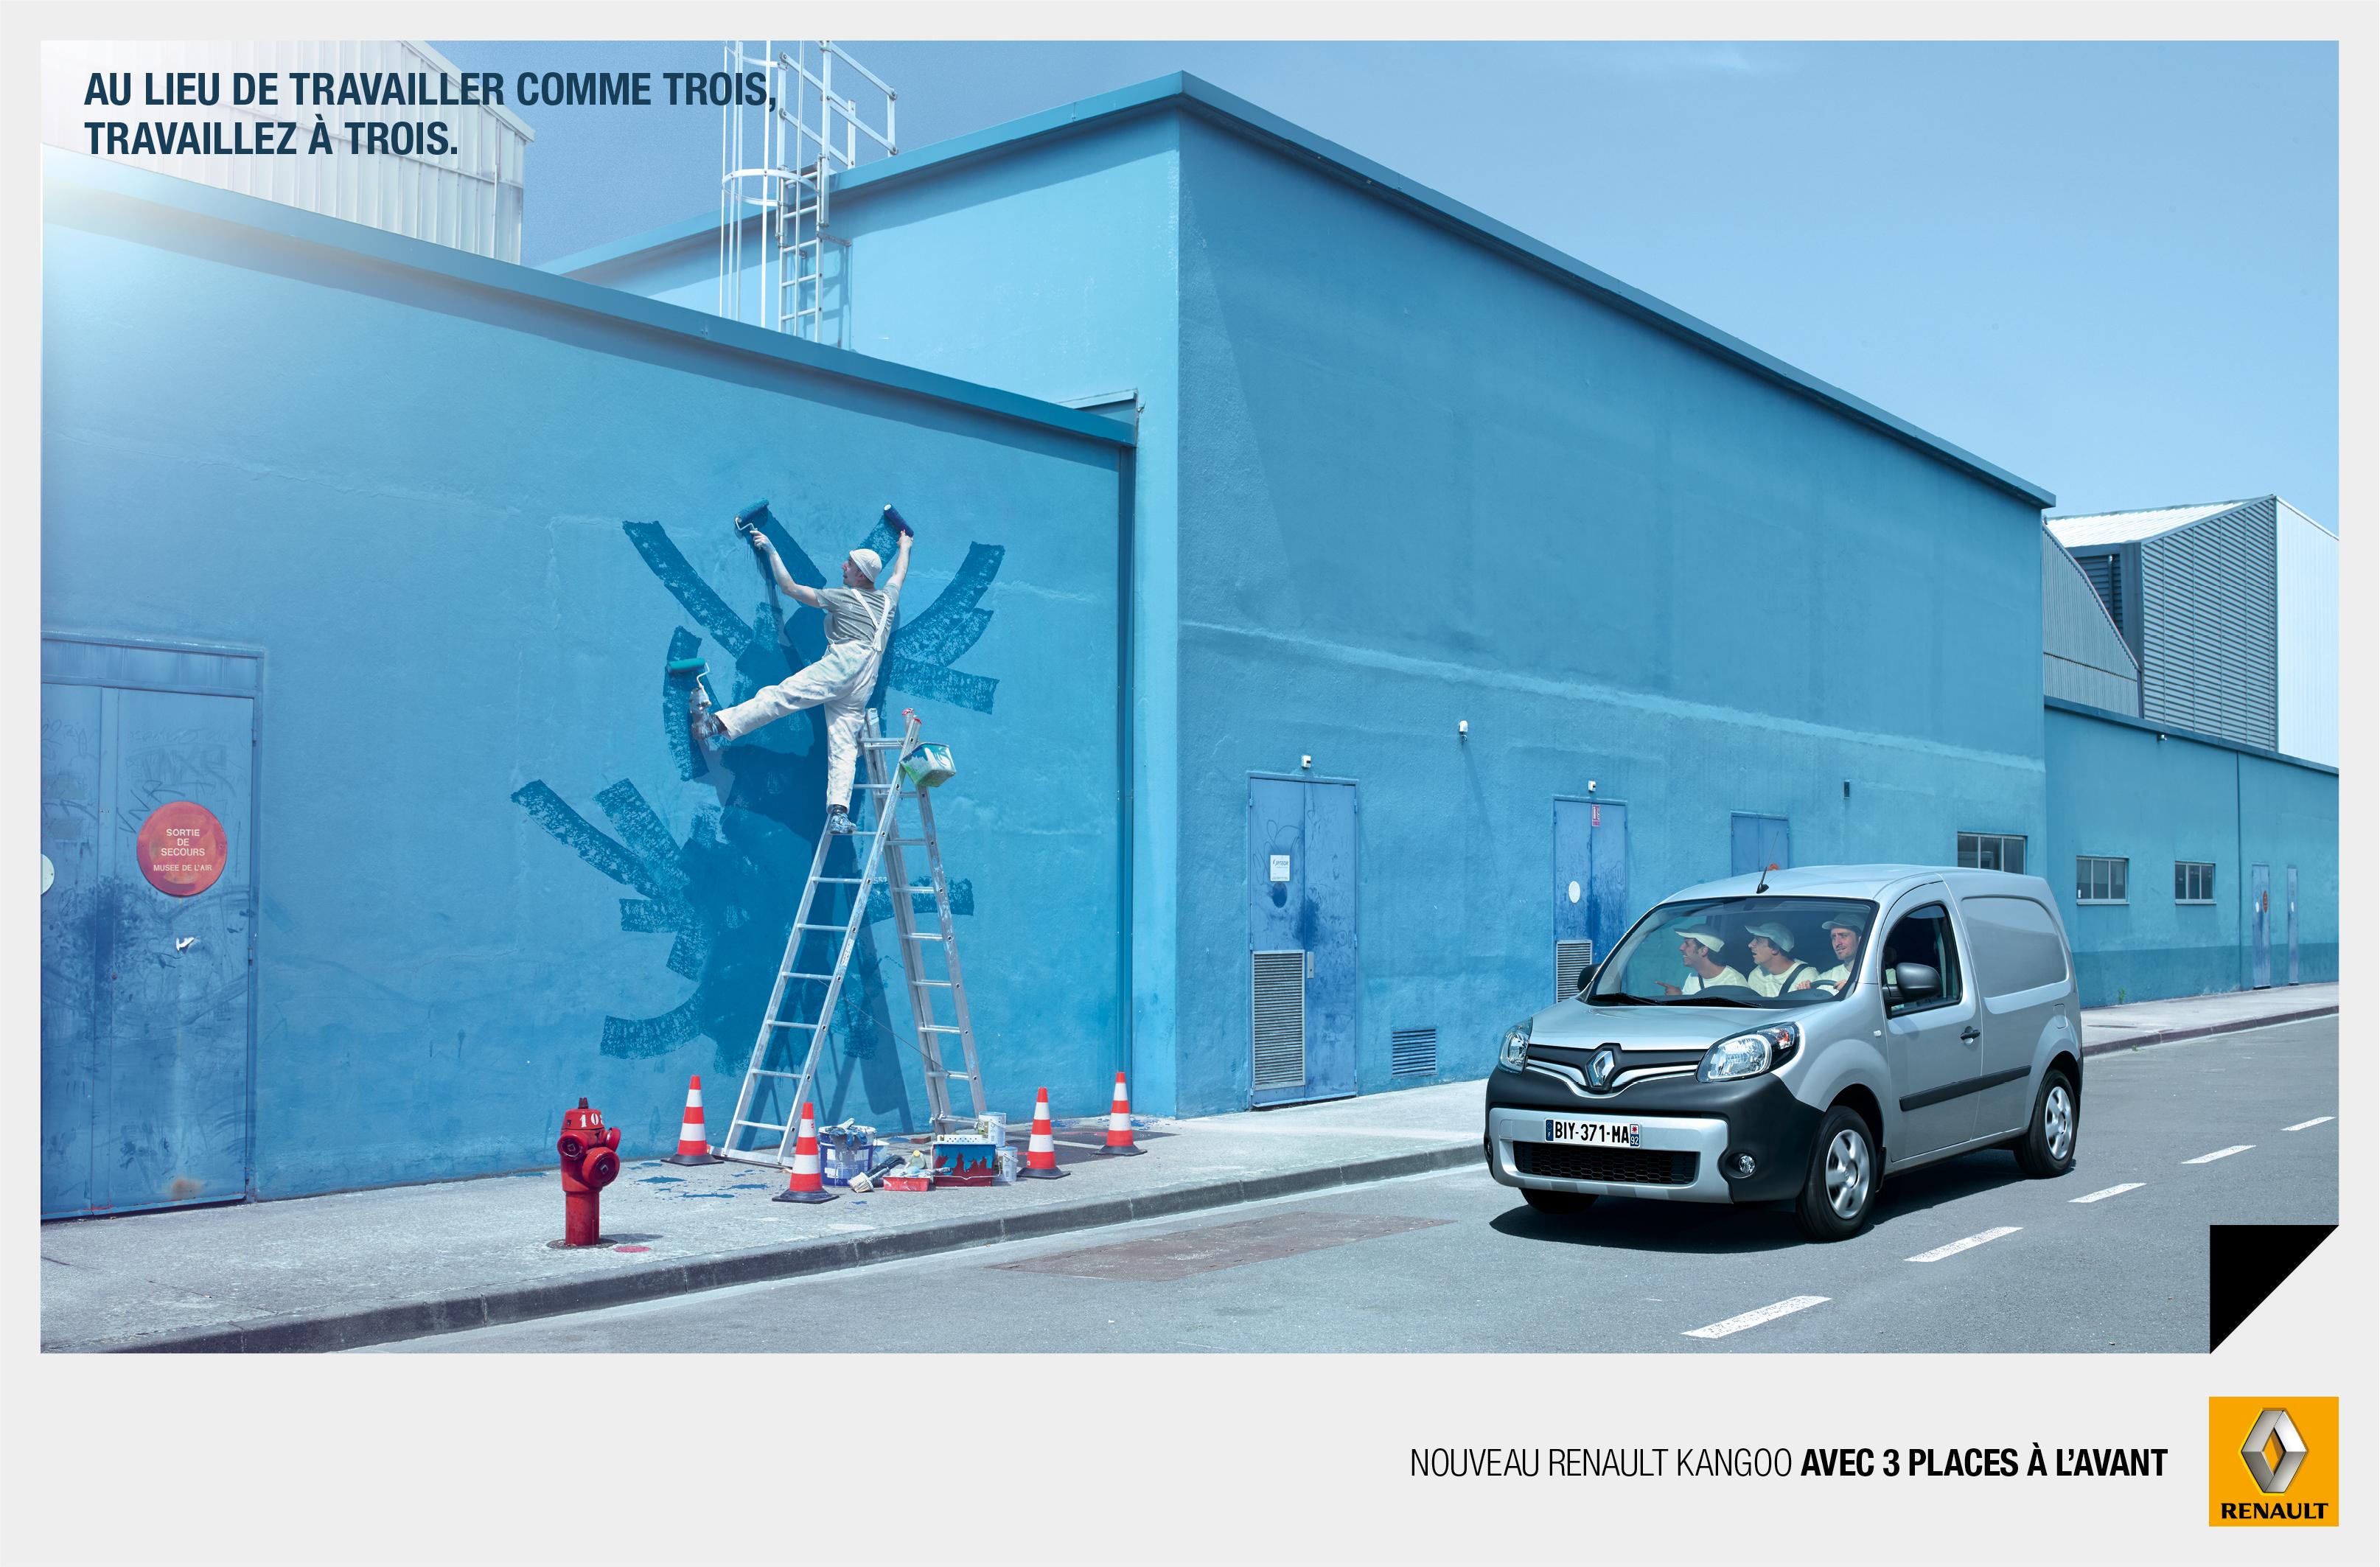 Le Renault Kangoo fait neuve en intégrant désormais non pas deux mais trois places à l'avant